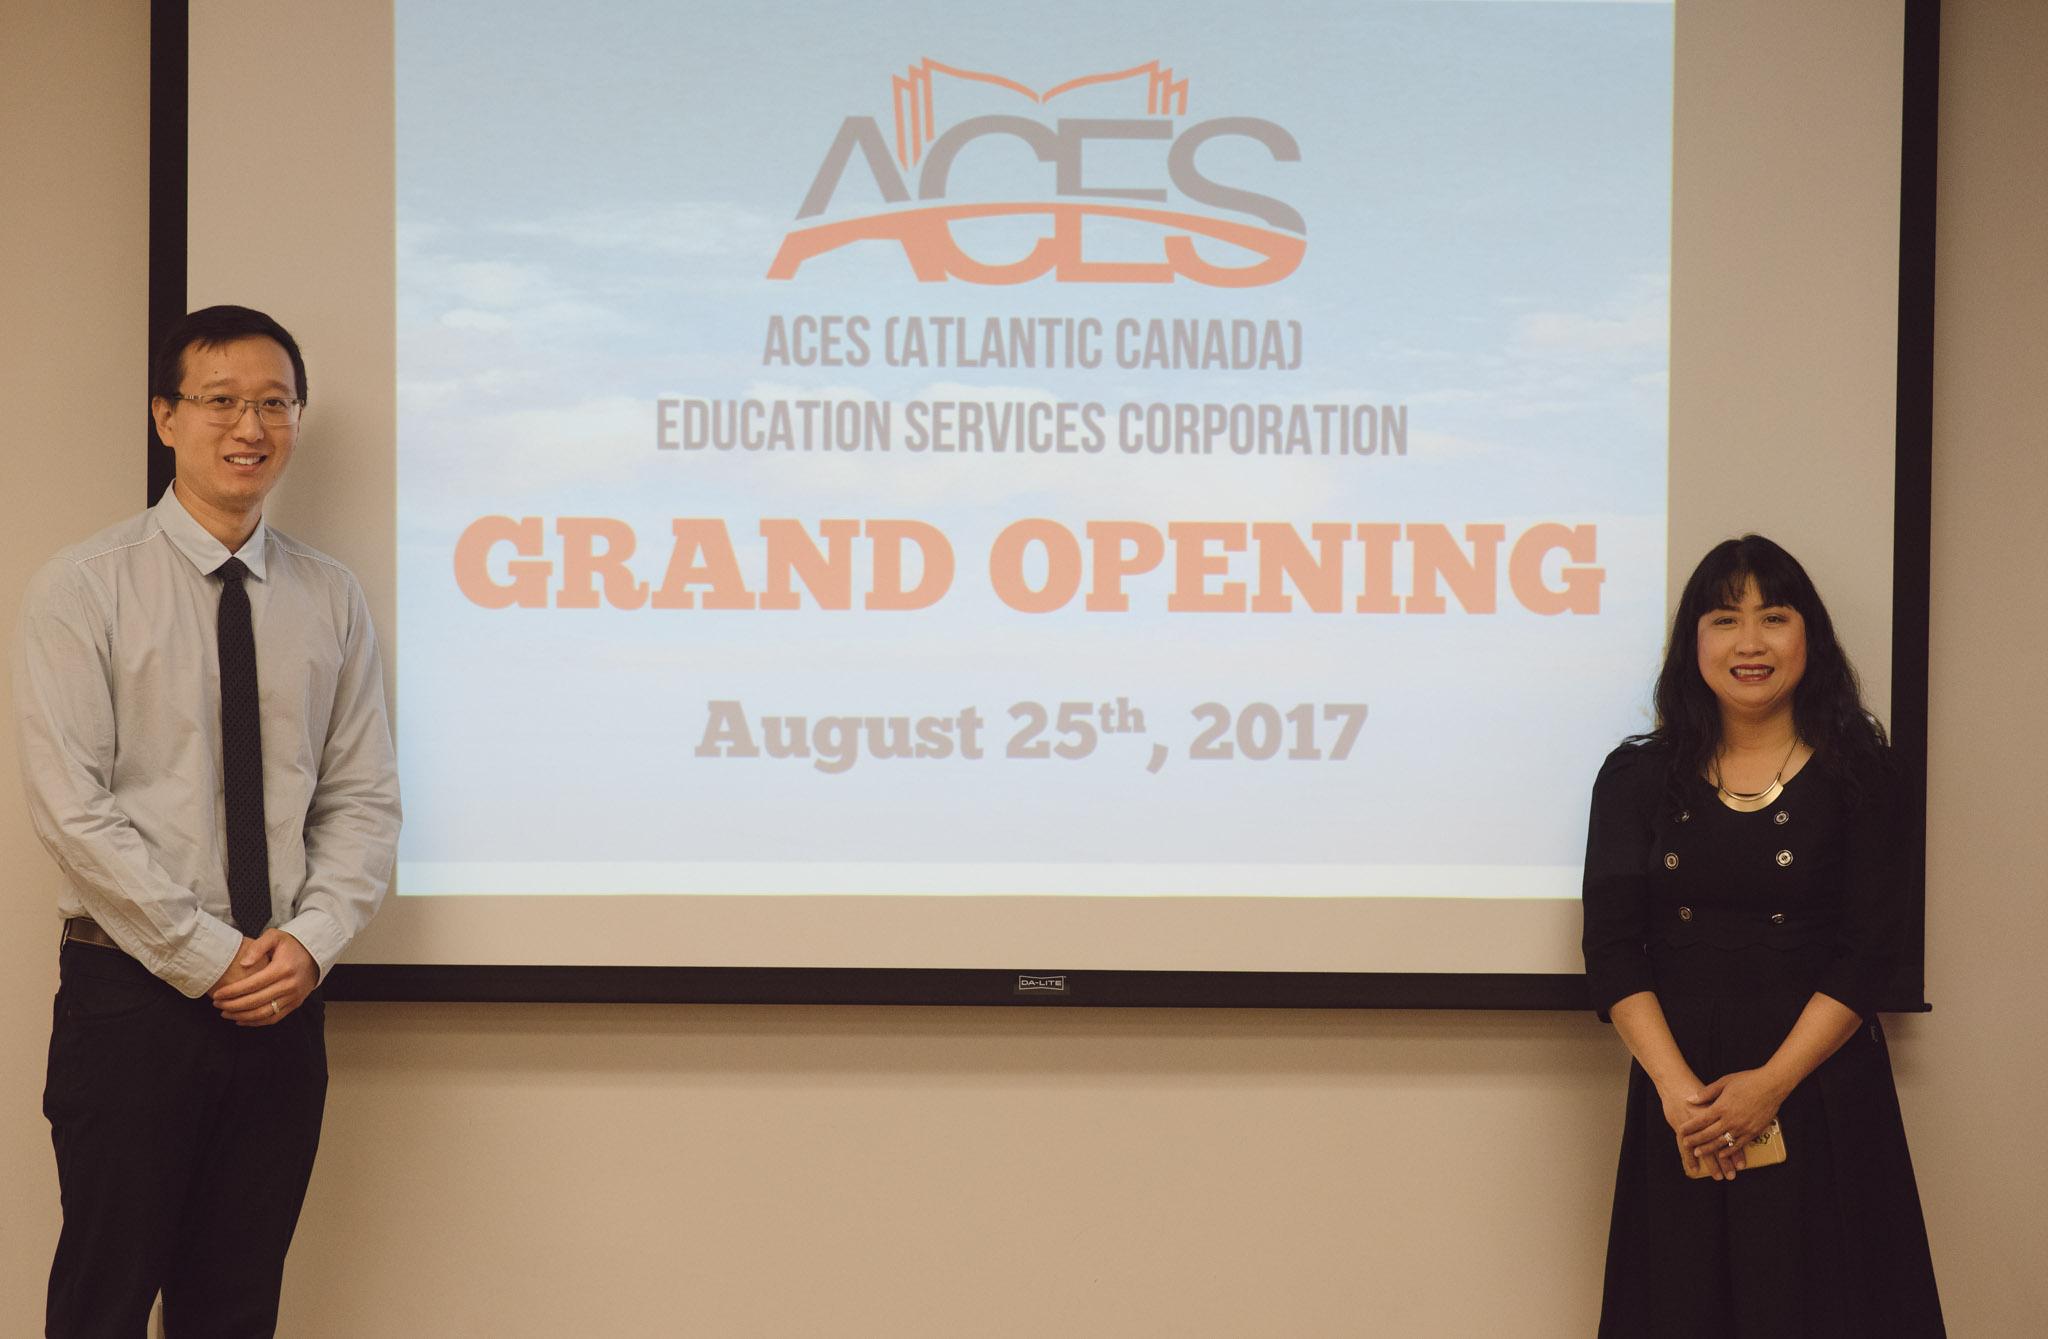 Aces-14